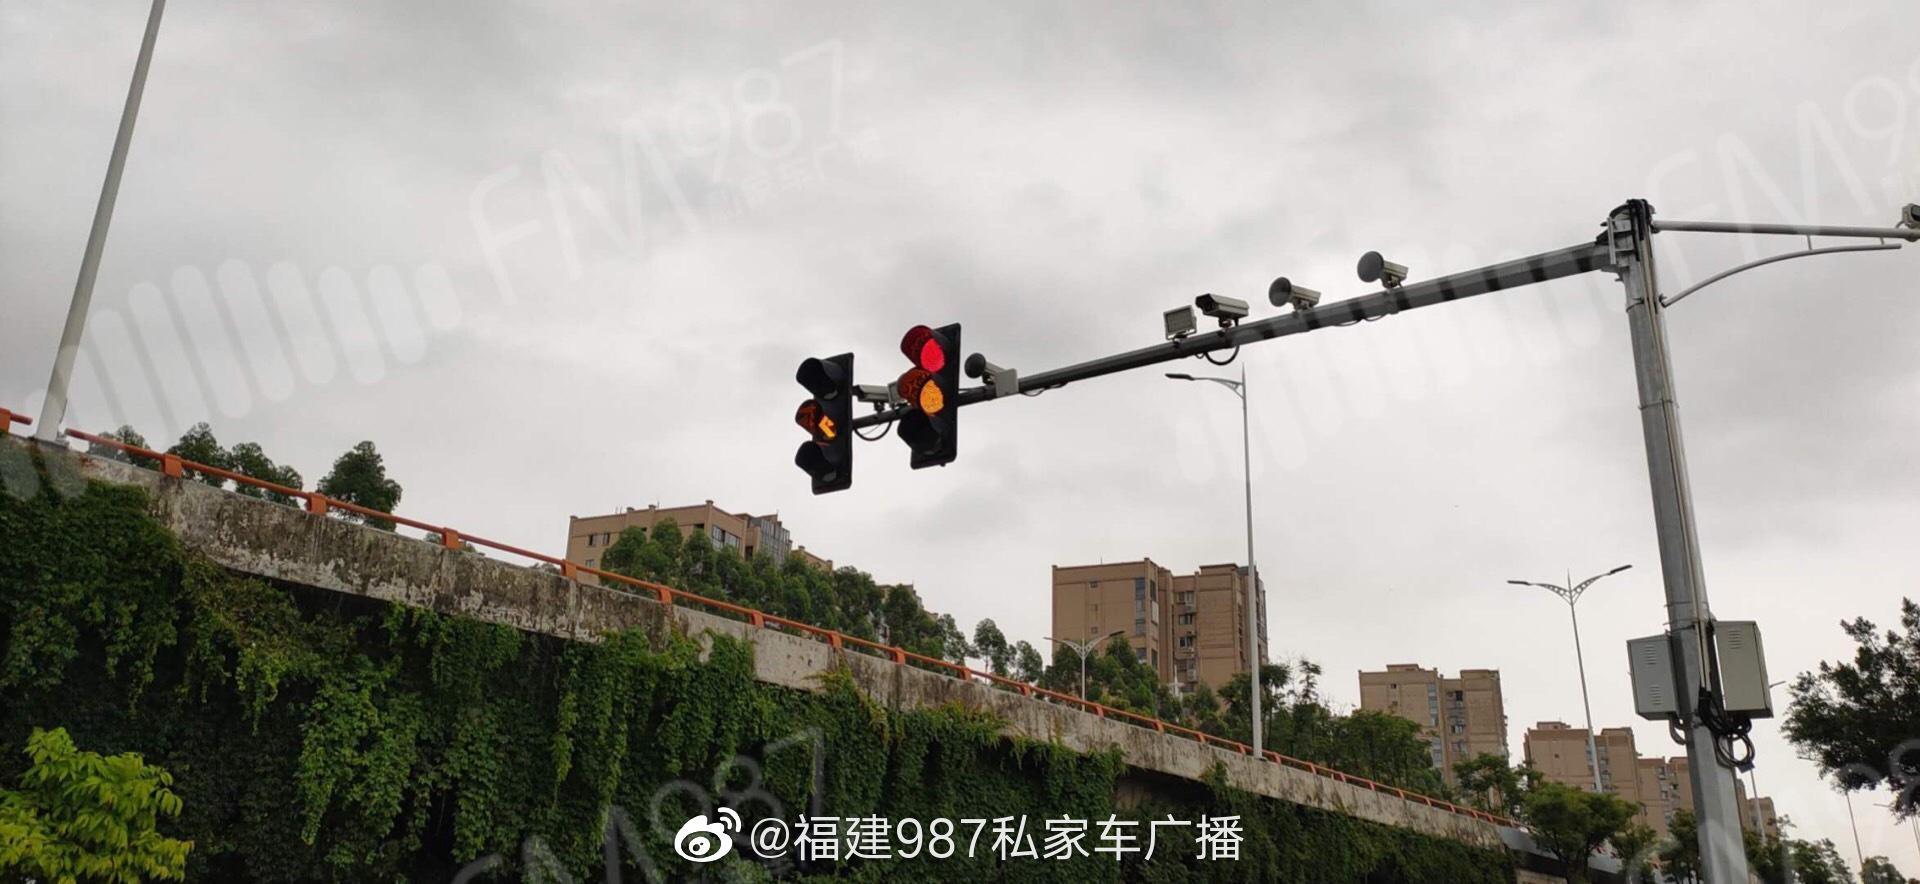 听友爆料:南二环辅路齐安高架桥下路口所有红绿灯全坏……